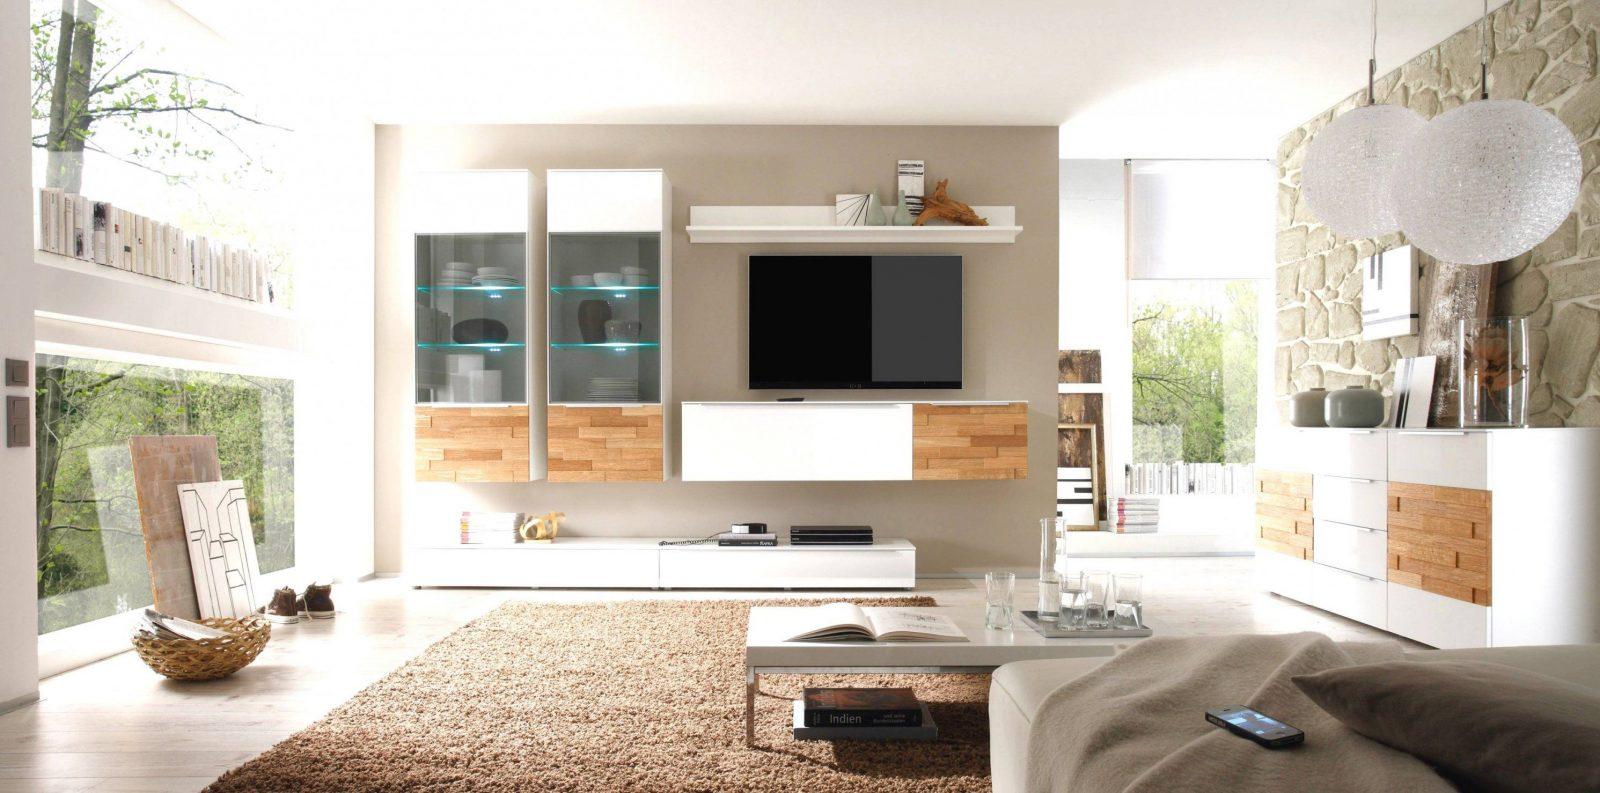 Luxus Wohnung Renovieren Ideen Tolle 40 Wohnung Einrichten Ideen Von